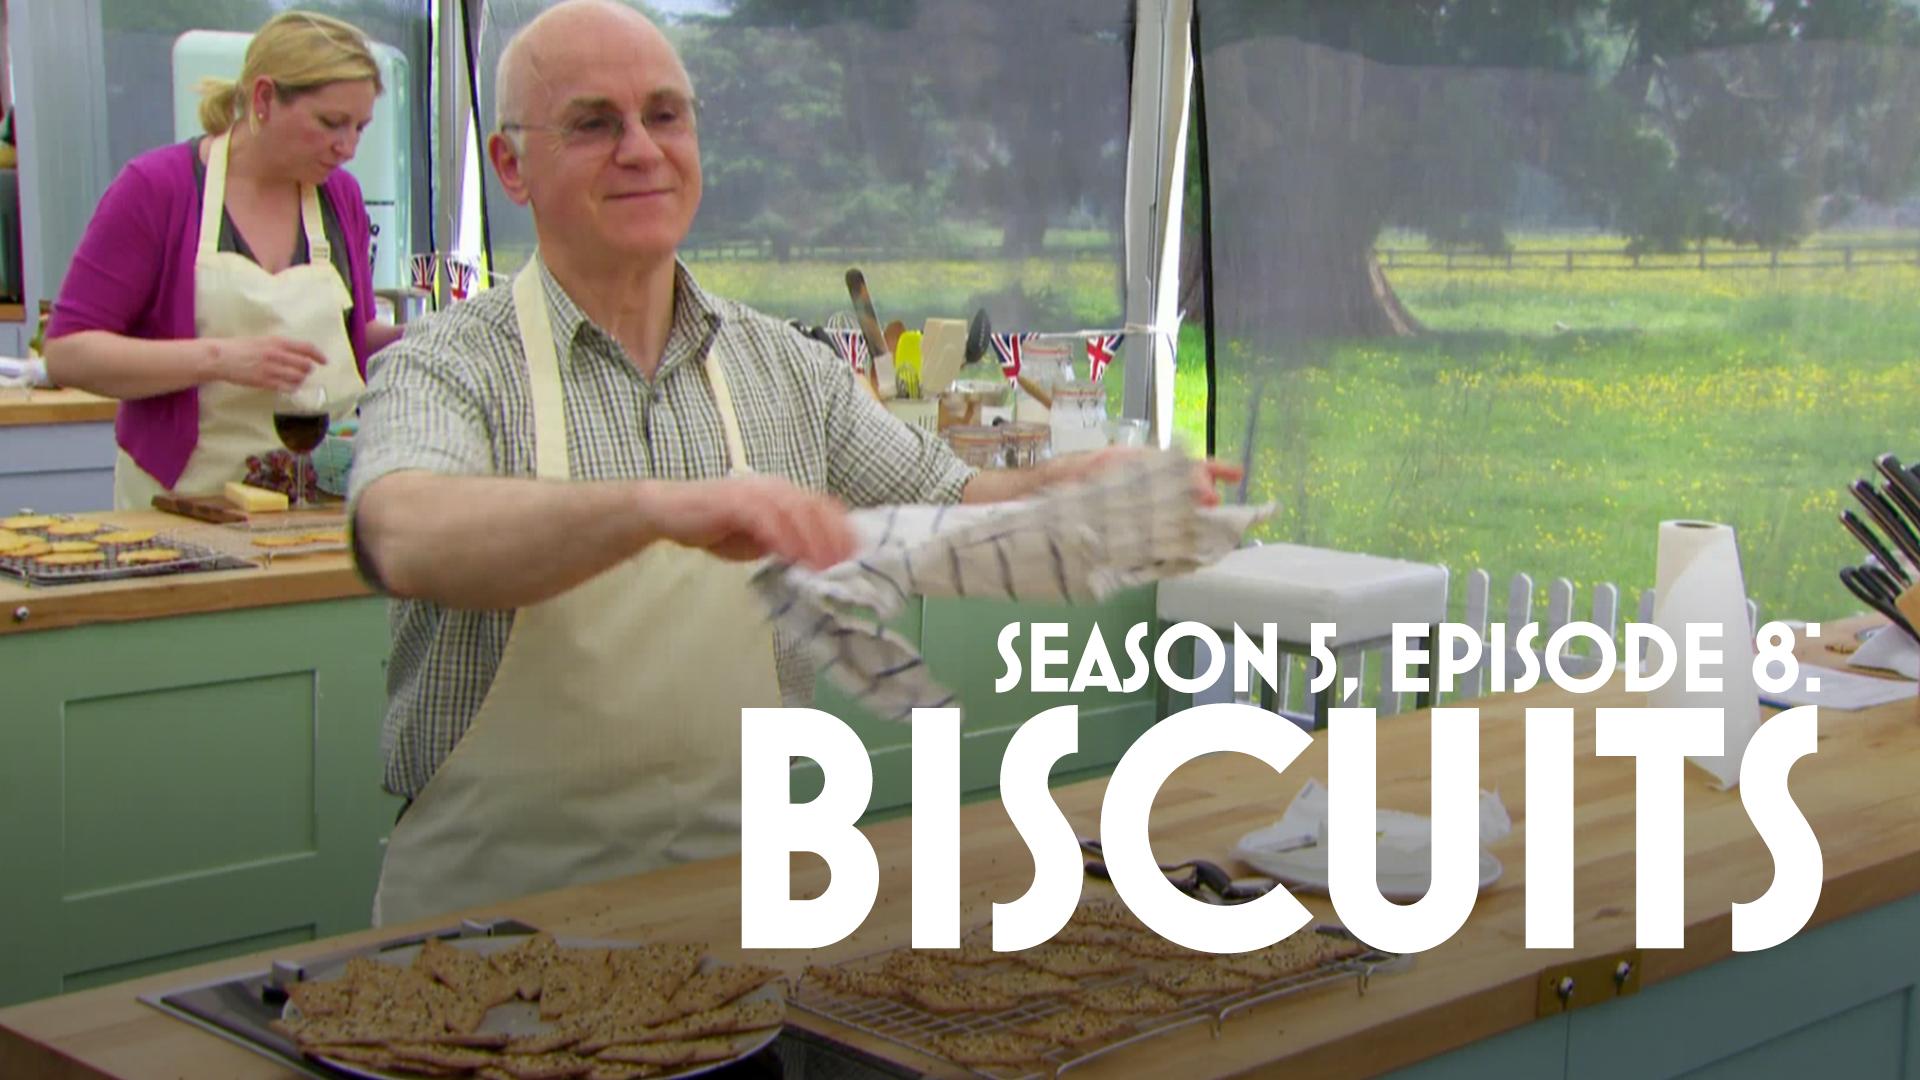 Episode 8: Biscuits